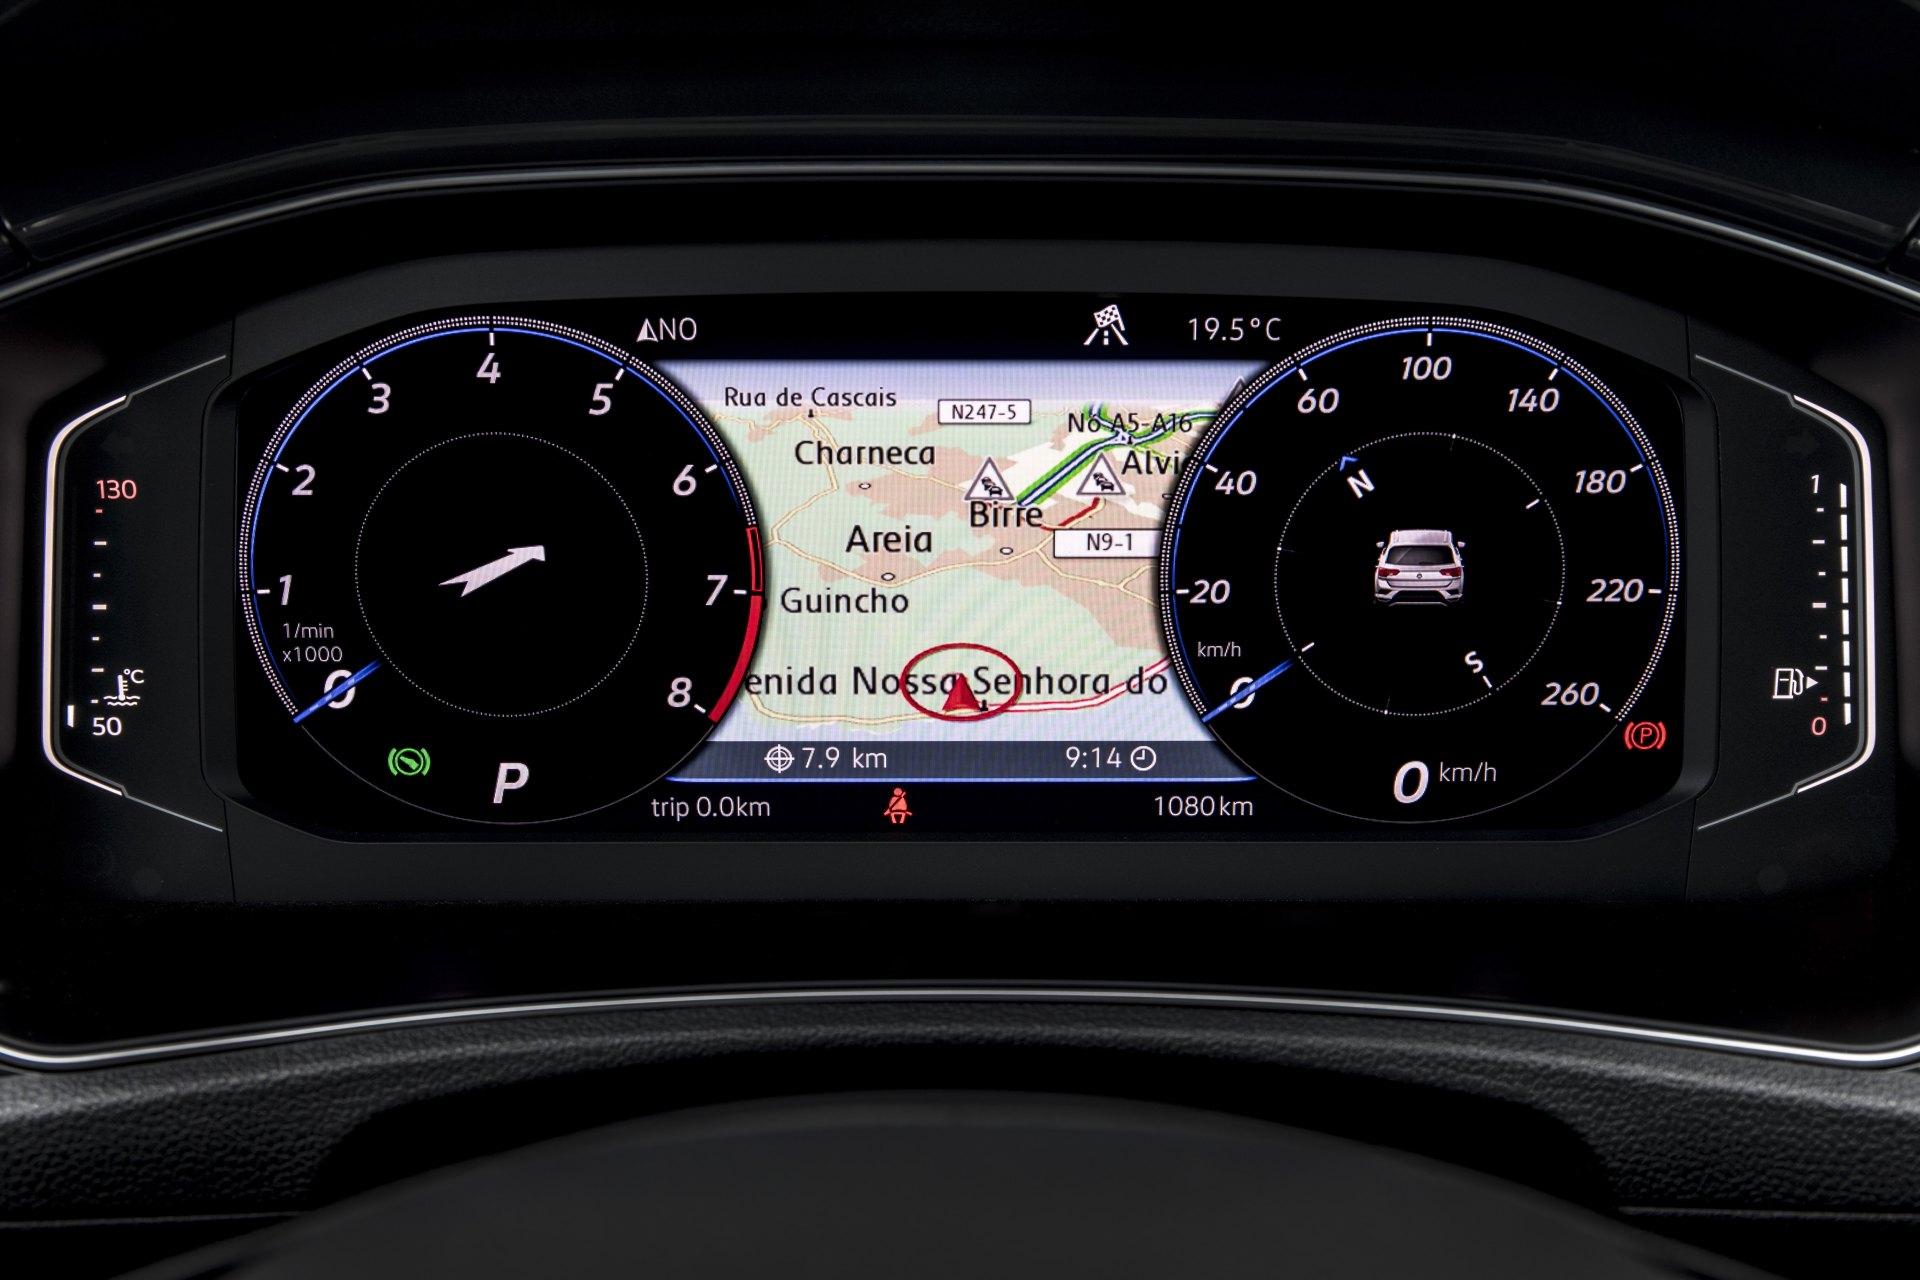 2018 Gti Release Date >> Volkswagen T-Roc (2017) : premier essai du nouveau SUV de